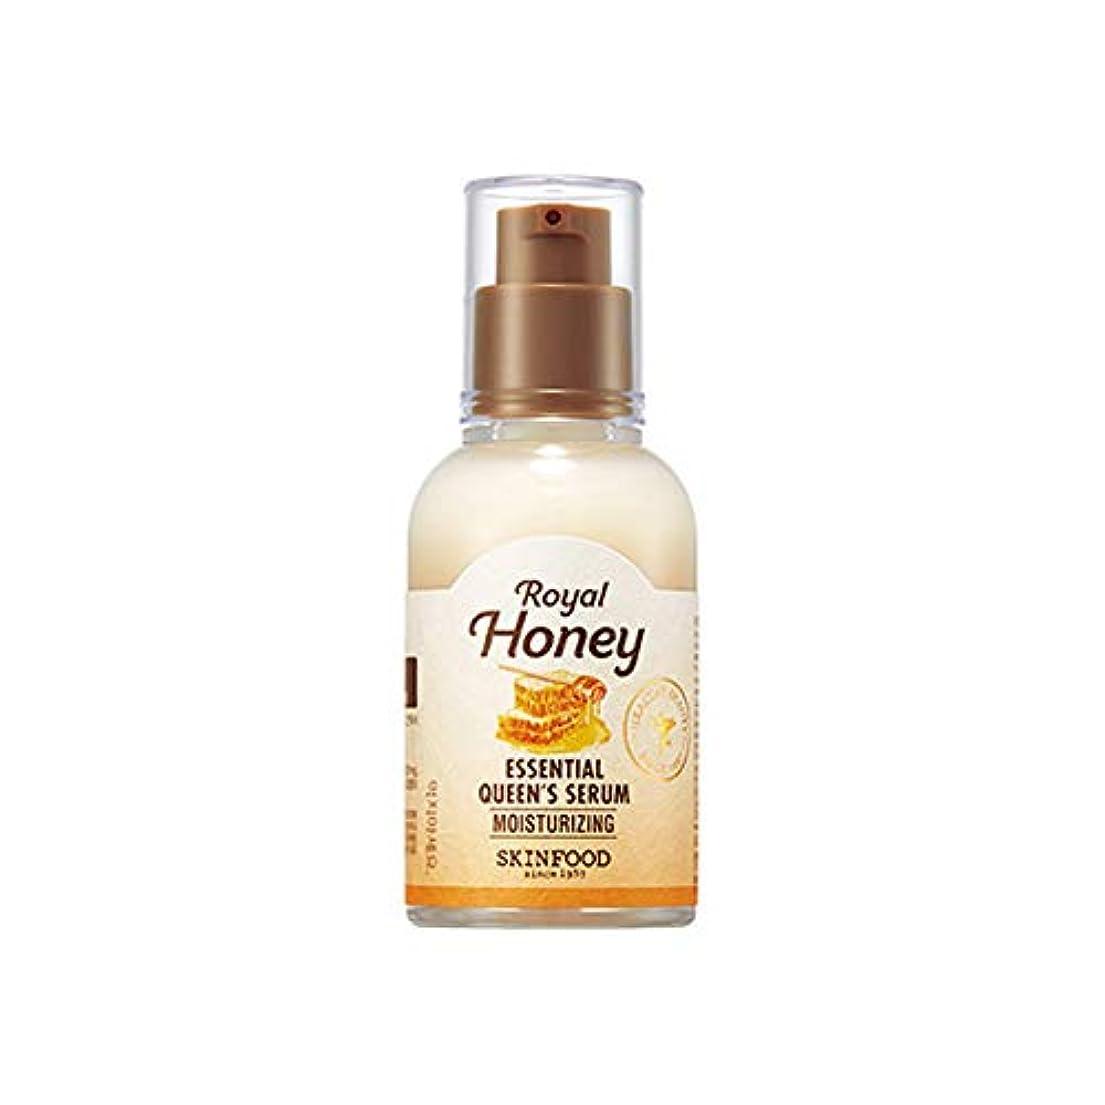 ベックス写真を描く反応するSkinfood Royal Honey Essential Queen's Serum/ロイヤルハニーエッセンシャルオイルクイーンズ血清/50ml [並行輸入品]